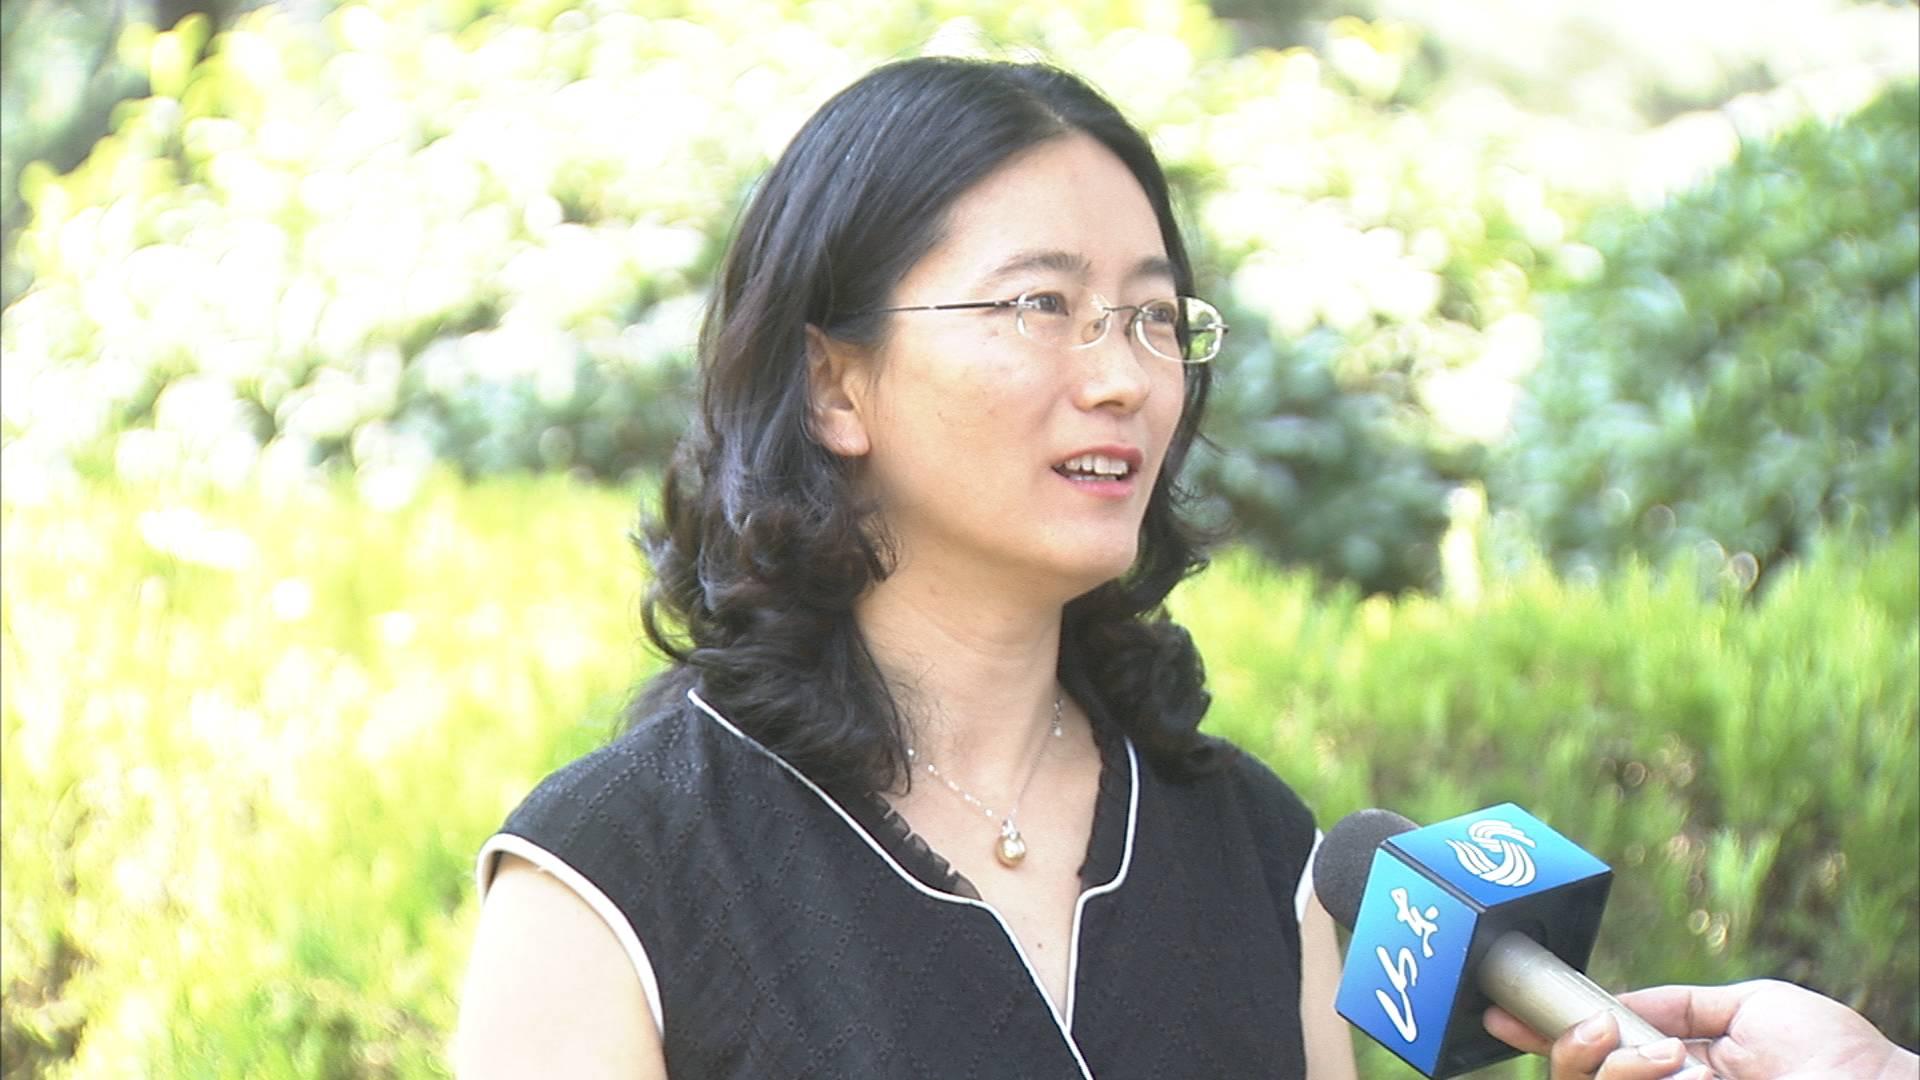 总书记来到我们身边 齐鲁制药总裁李燕:创新是我们必须要迈的一个坎